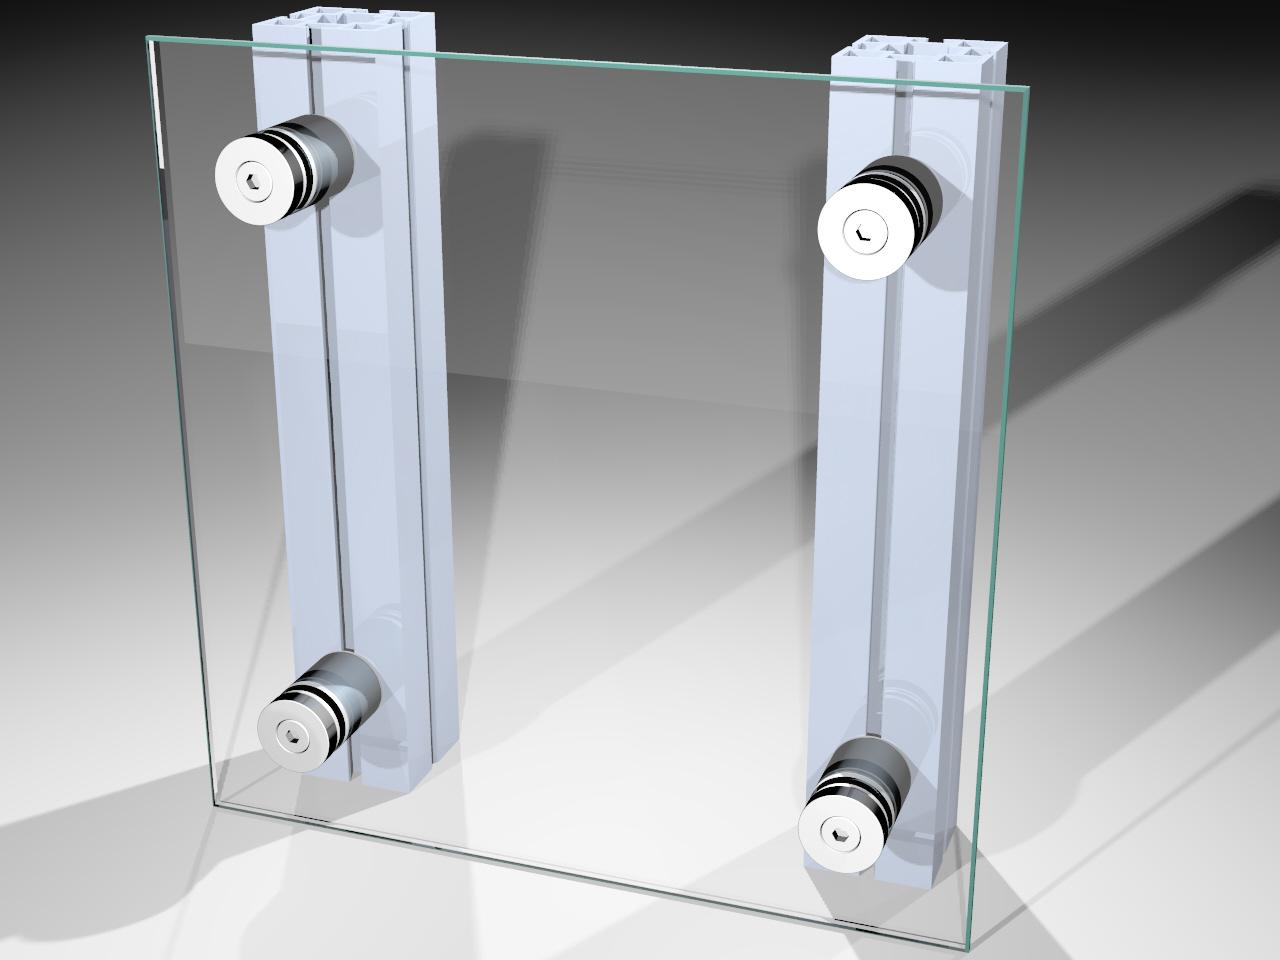 Retentor para fixação de painéis de sinalização em stands em displays montados com perfis de alumínio